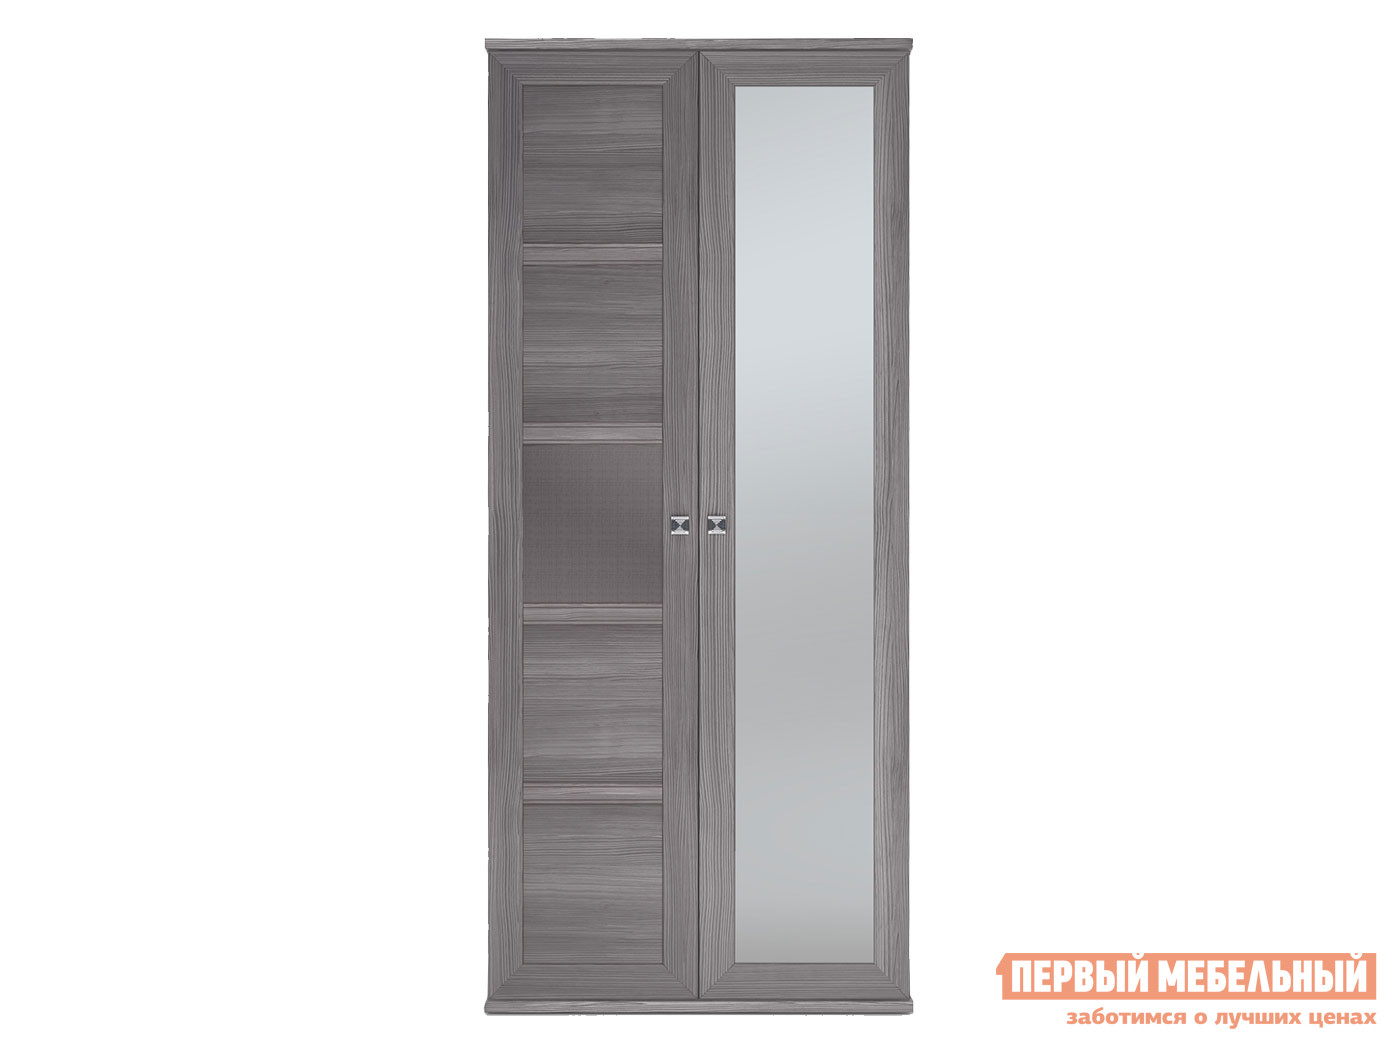 Распашной шкаф  2-х дверный Парма НЕО Лиственница темная / Экокожа дила, С одним зеркалом КУРАЖ 101092